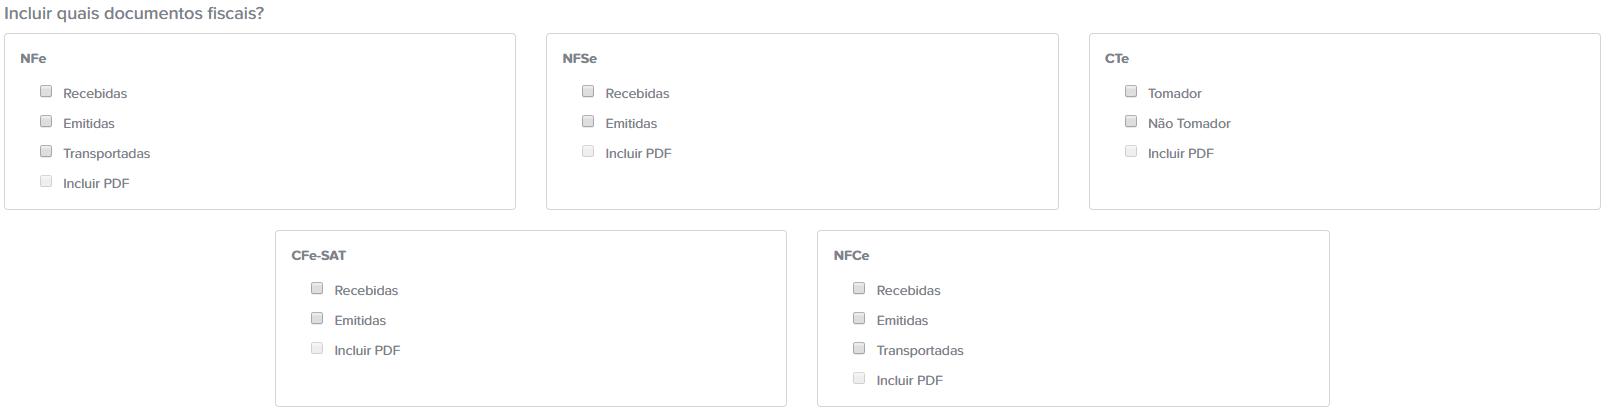 Escolha dos Documentos Fiscais que o Arquivei levará em conta no Fechamento de Mês